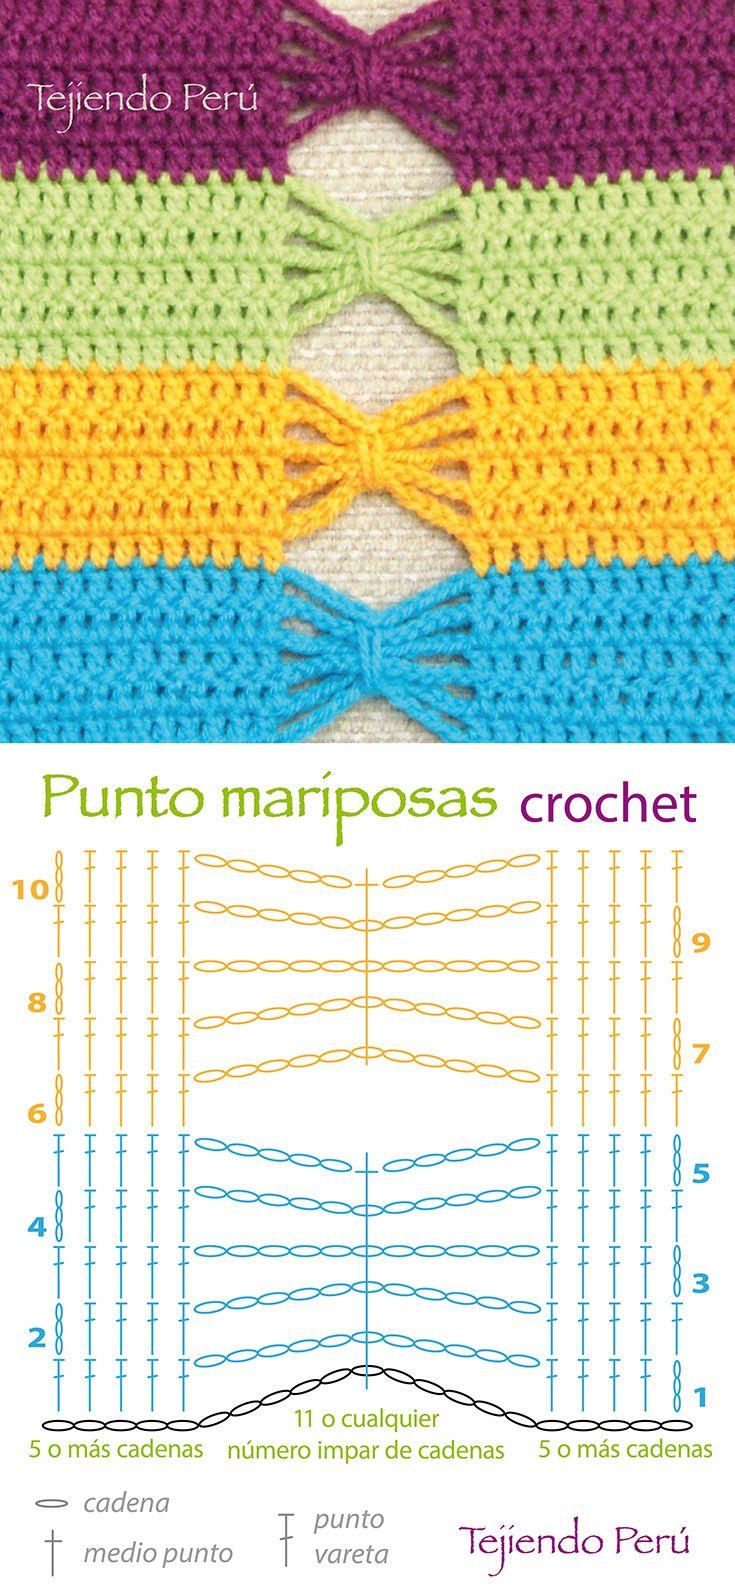 Crochet: punto mariposas! Diagrama o patrón... pueden variar el número de cadenas e hileras de las mariposas. También pueden reemplazar las varetas de los costados por medio puntos o media varetas! ༺✿Ƭeresa Resteguiღ✿༻